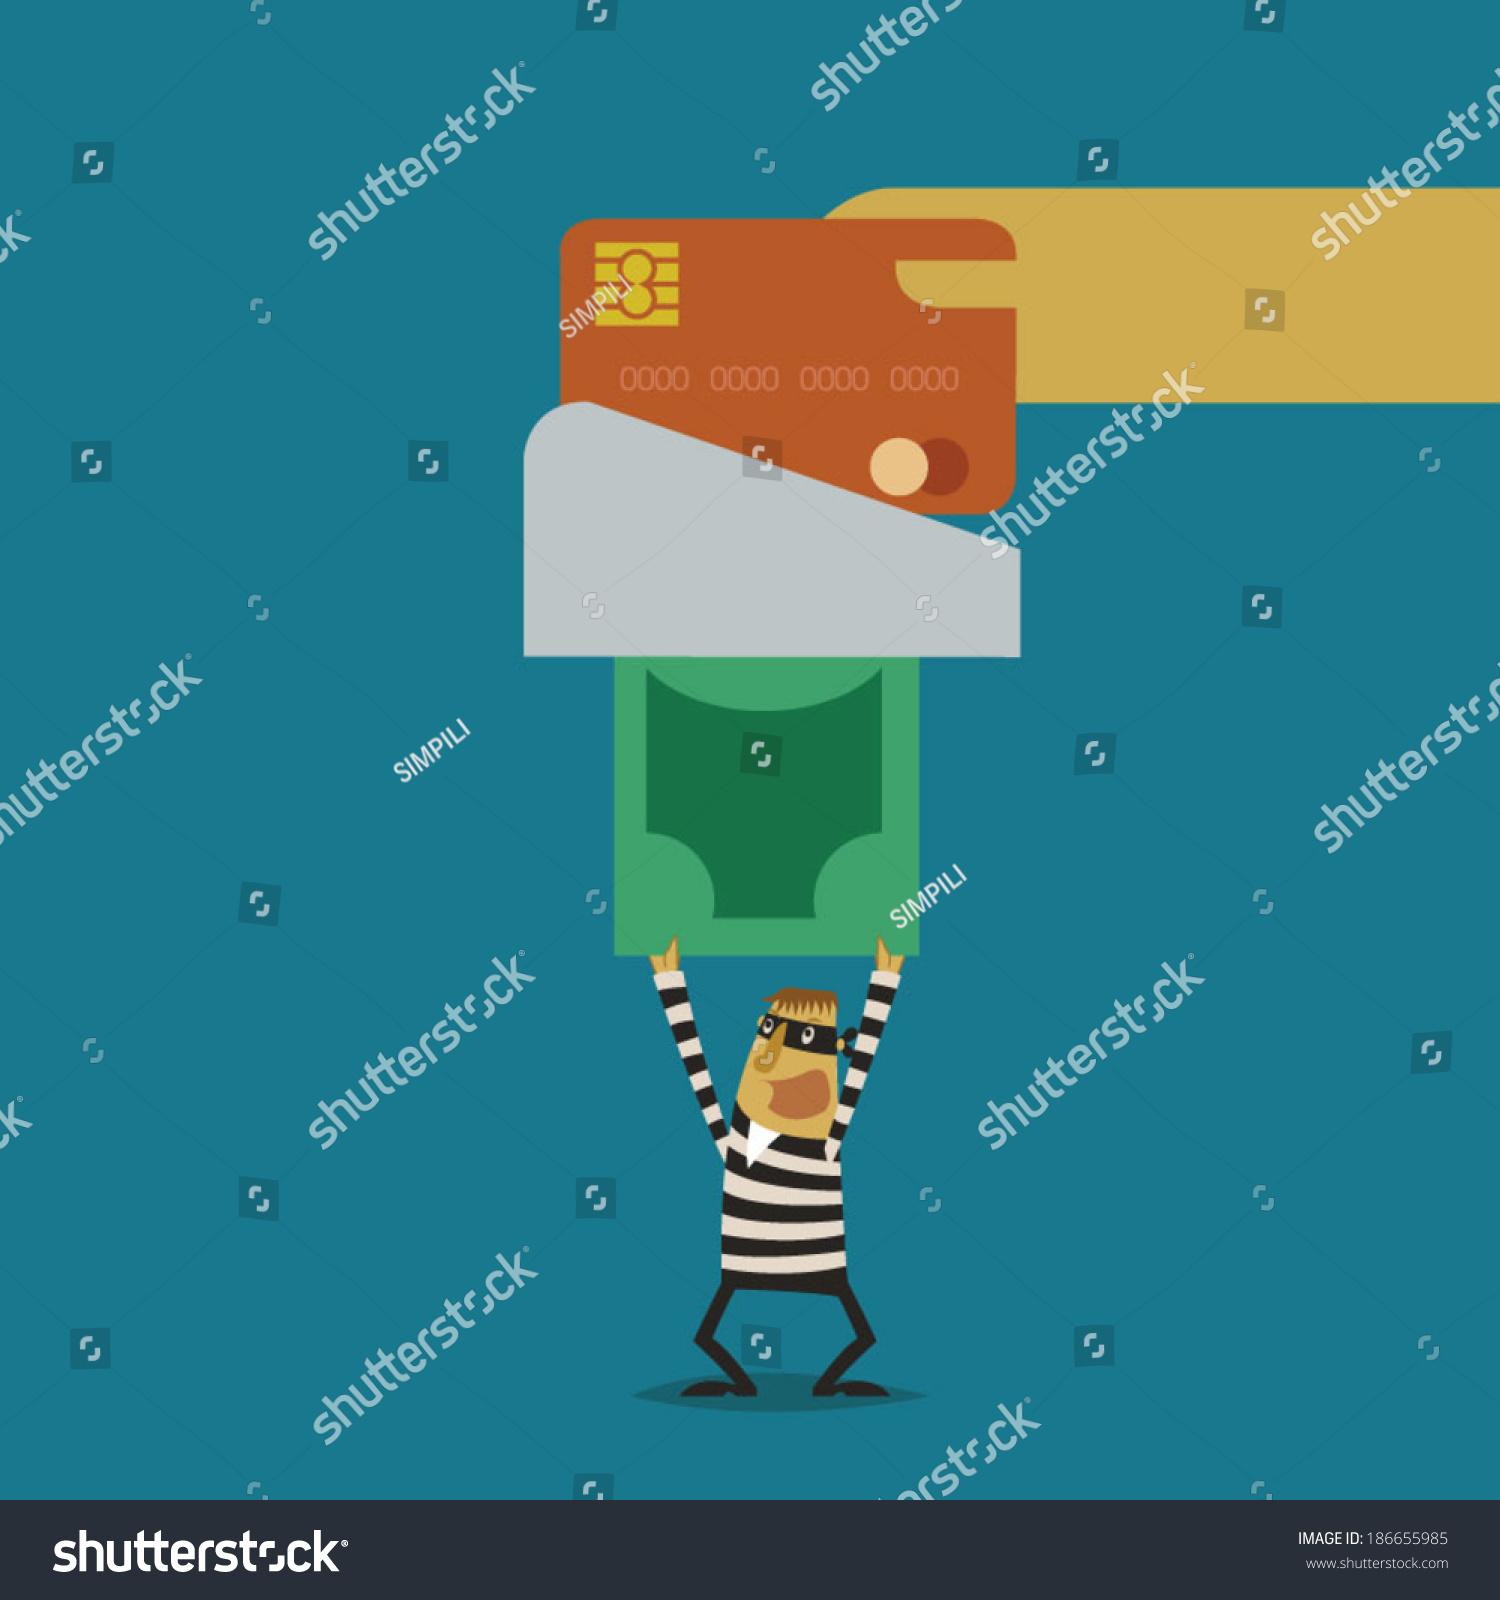 Hacker Stolen Money Swipe Credit Card Stock Vector (Royalty